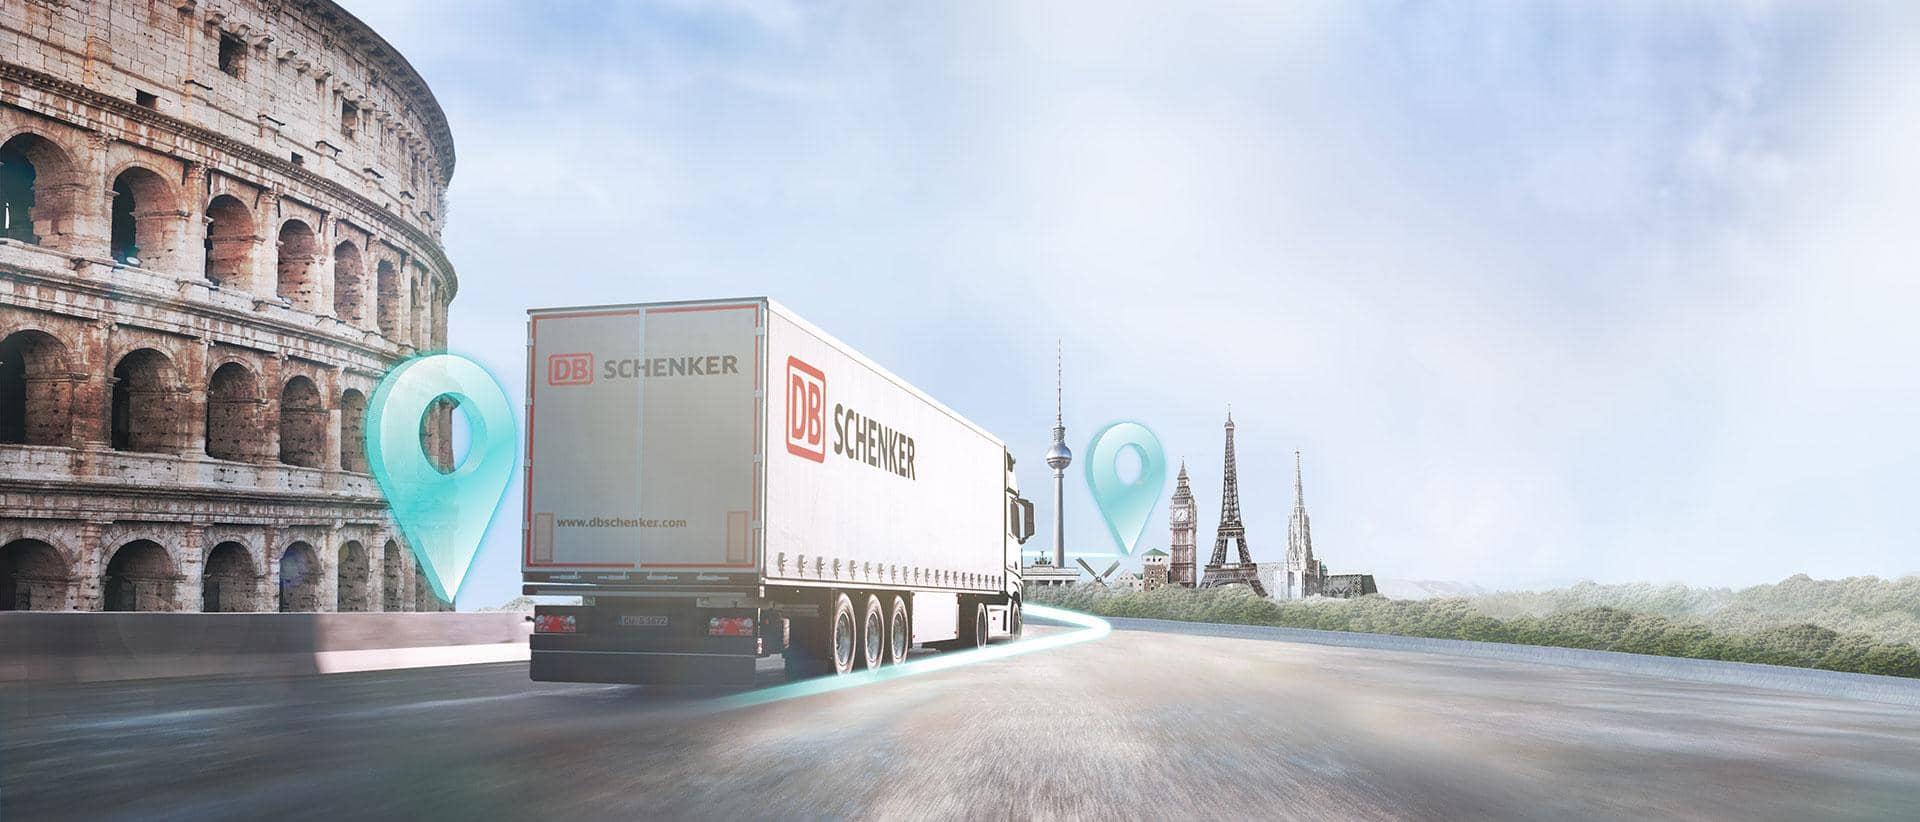 DB Schenker Switzerland | Global Logistics Solutions